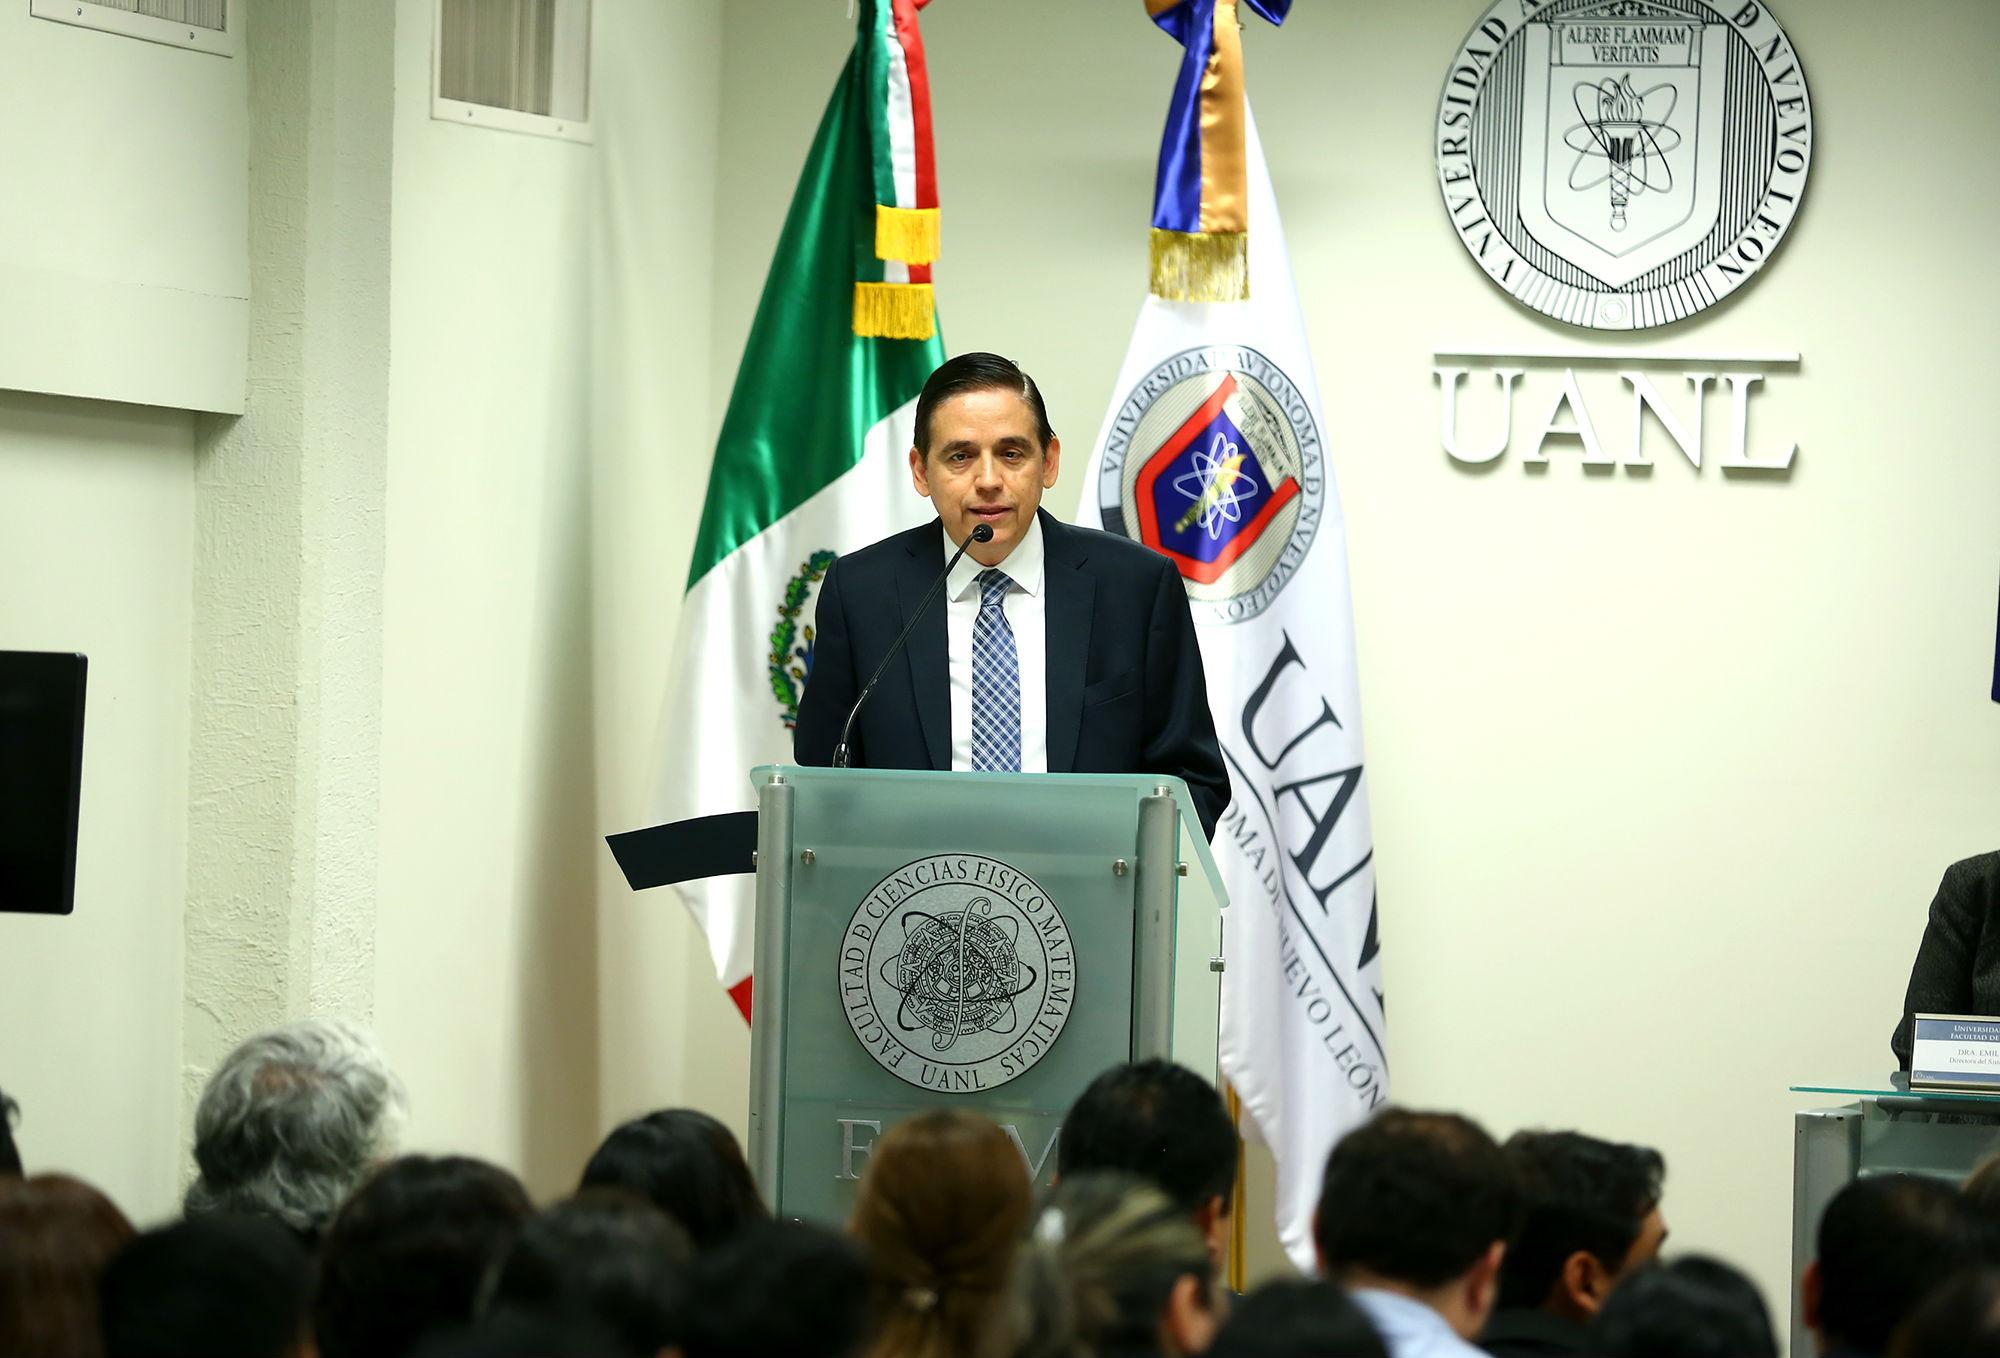 Rogelio Juvenal Sepúlveda, Director de la Facultad de Ciencias Físico Matemáticas